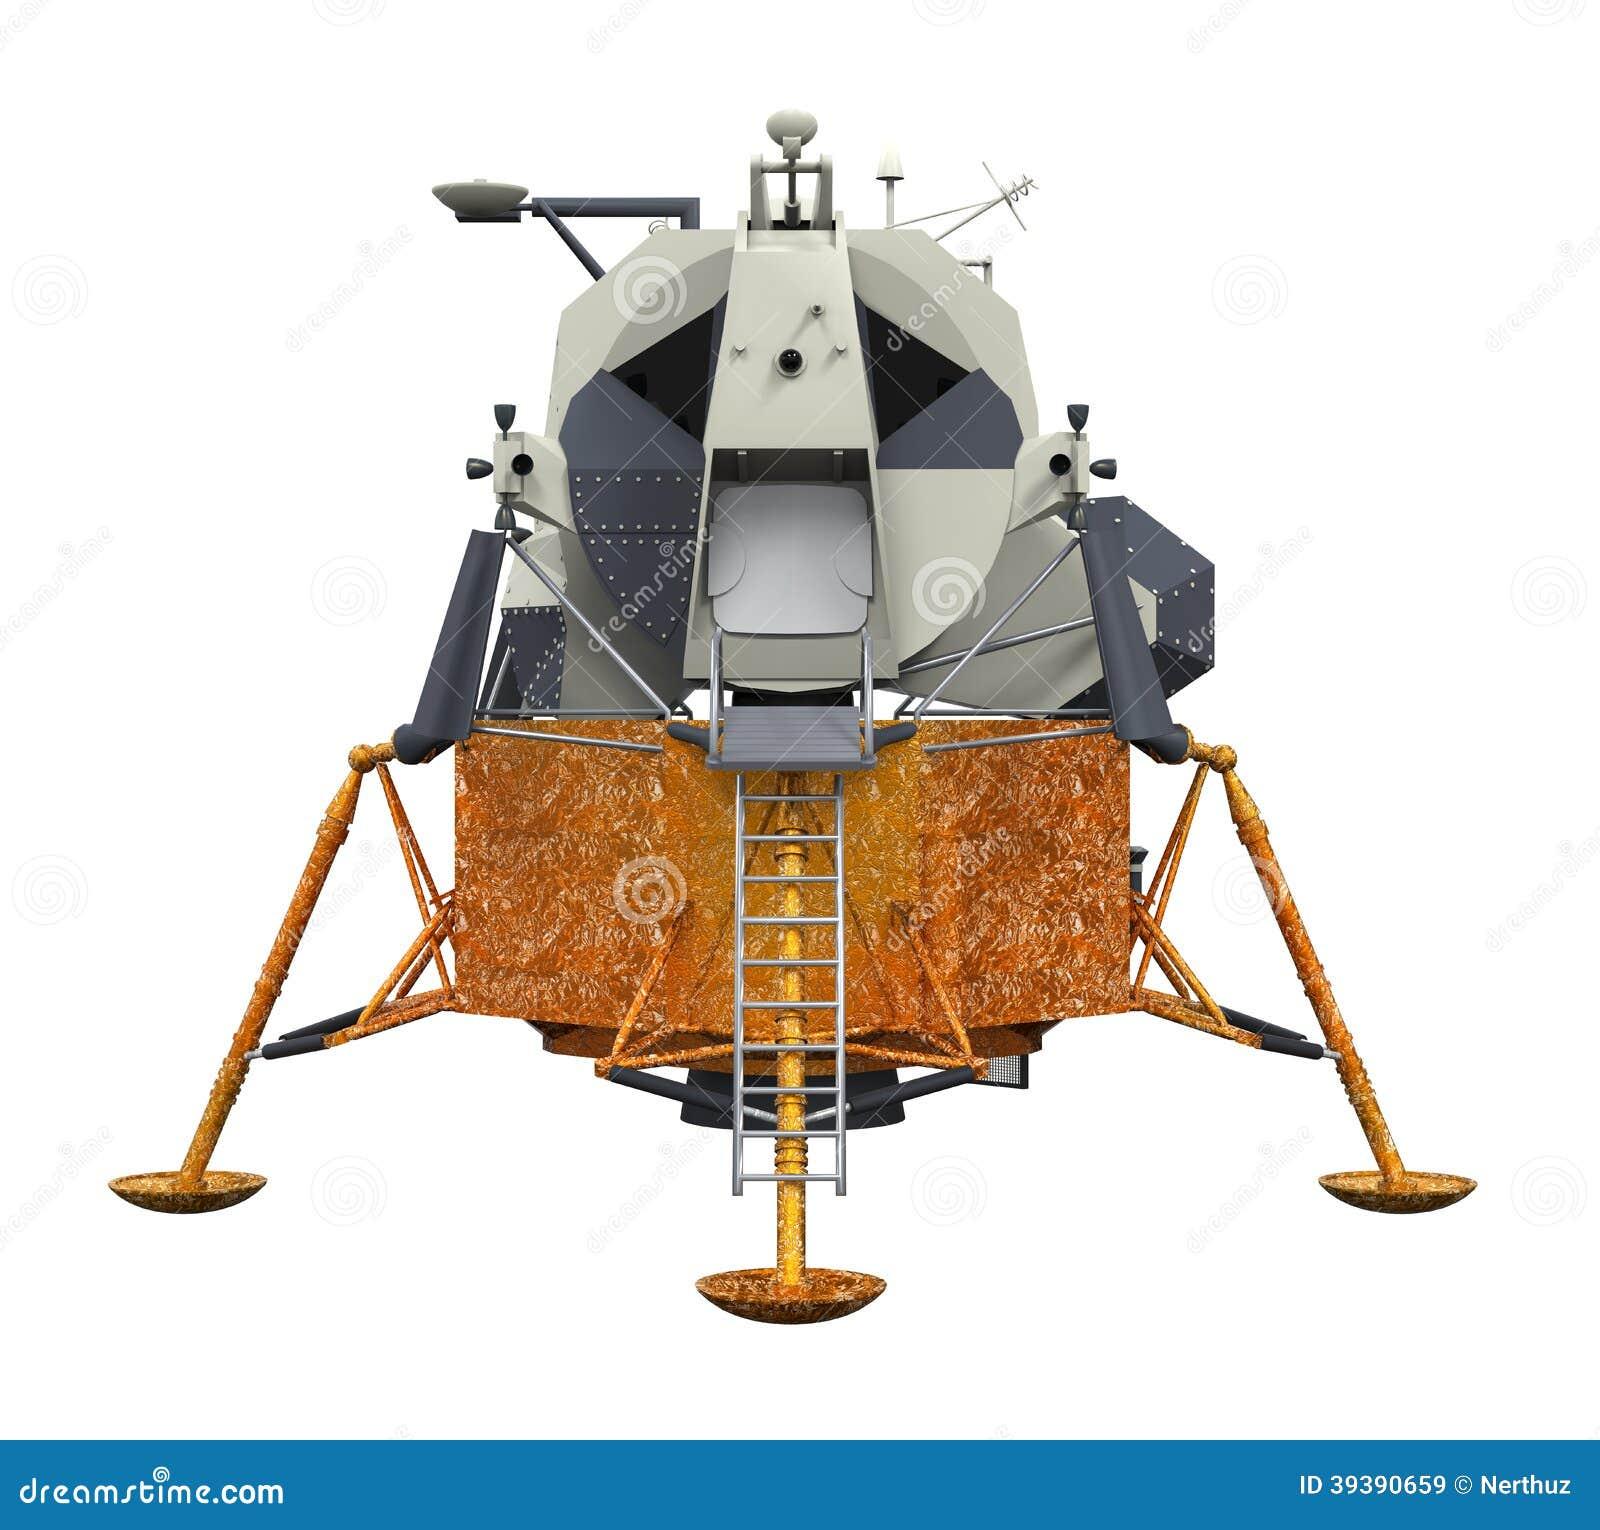 apollo lunar module design - photo #17